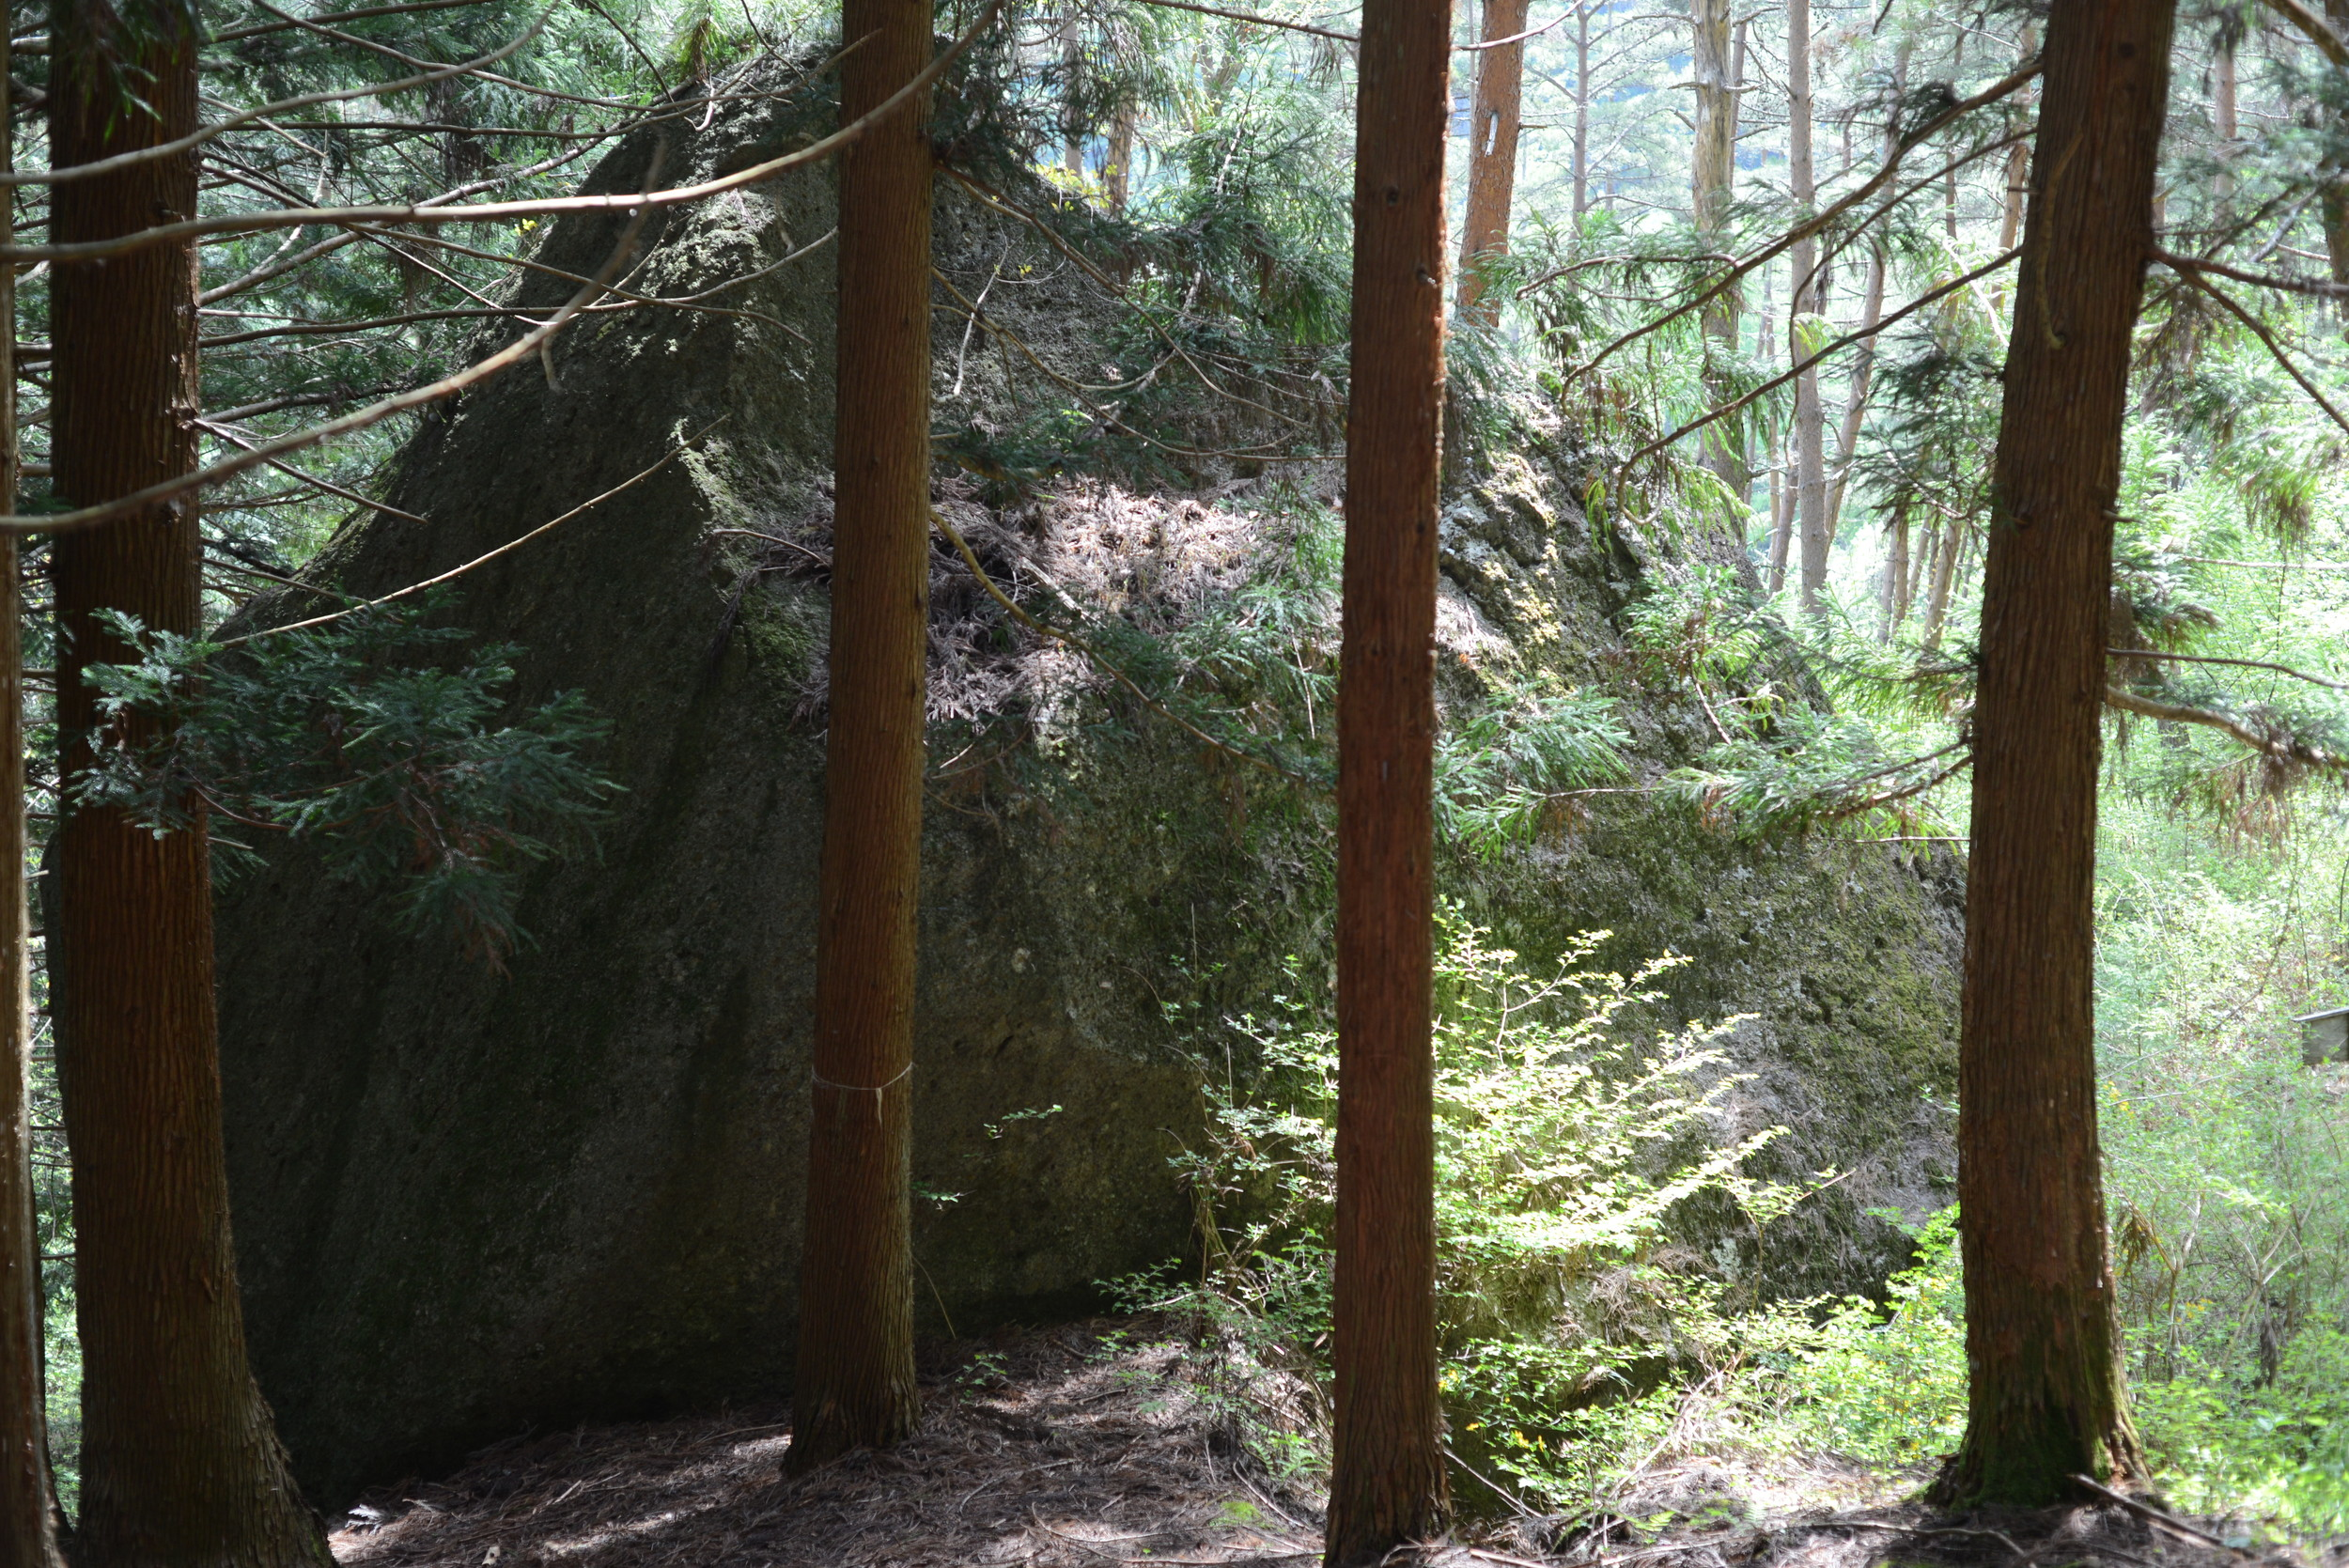 長野県諏訪にある、諏訪大社の御神体となる守屋山にある小袋石。縄文時代からの息吹を感じれる場所。